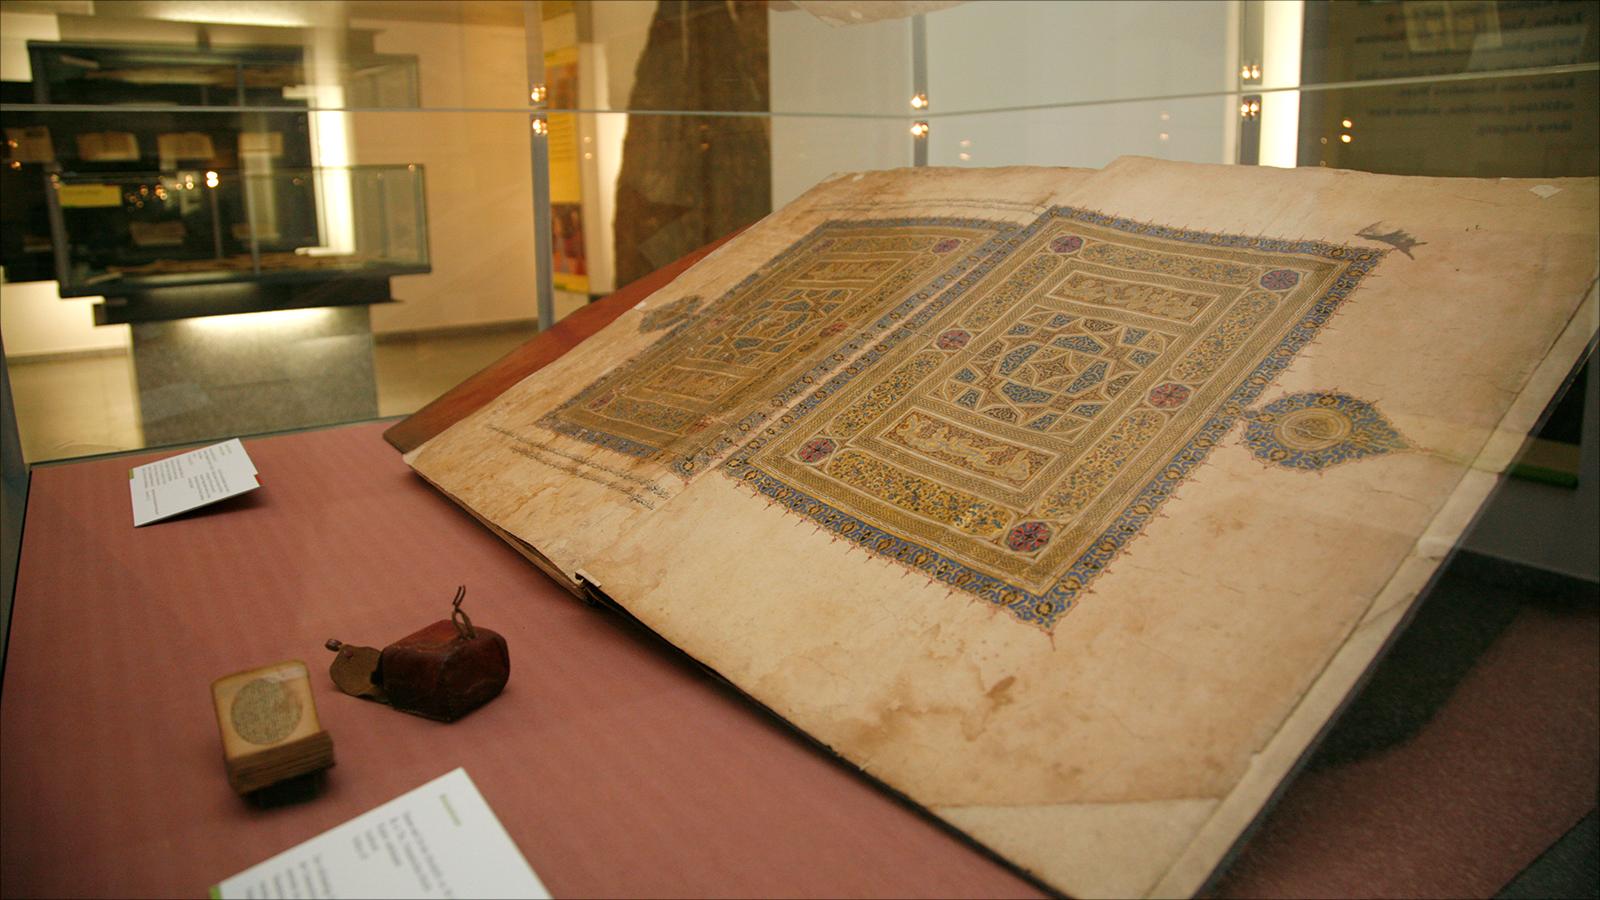 يهودي يكتب القرآن ومسيحي ينسخ تفسير الطبري ومؤلفات بخطوط نسائية.. الوراقون وصناعة الكتاب في الحضارة الإسلامية Ce90adf8-c458-4259-a586-1d48ac13146e